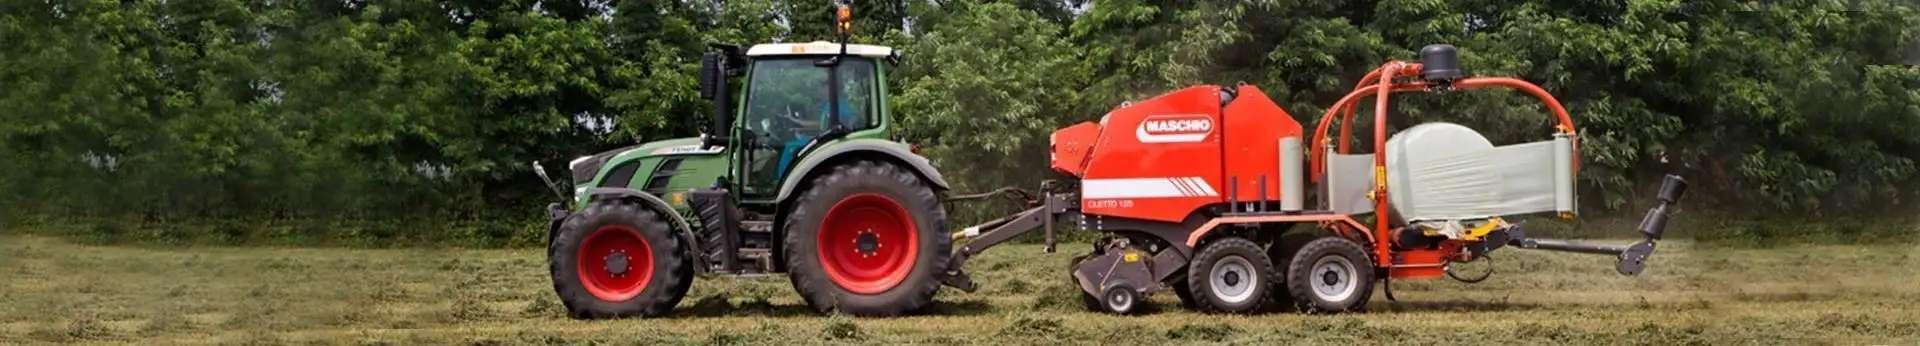 Ciągnik rolniczy ciągnący prasoowijarkę po łące